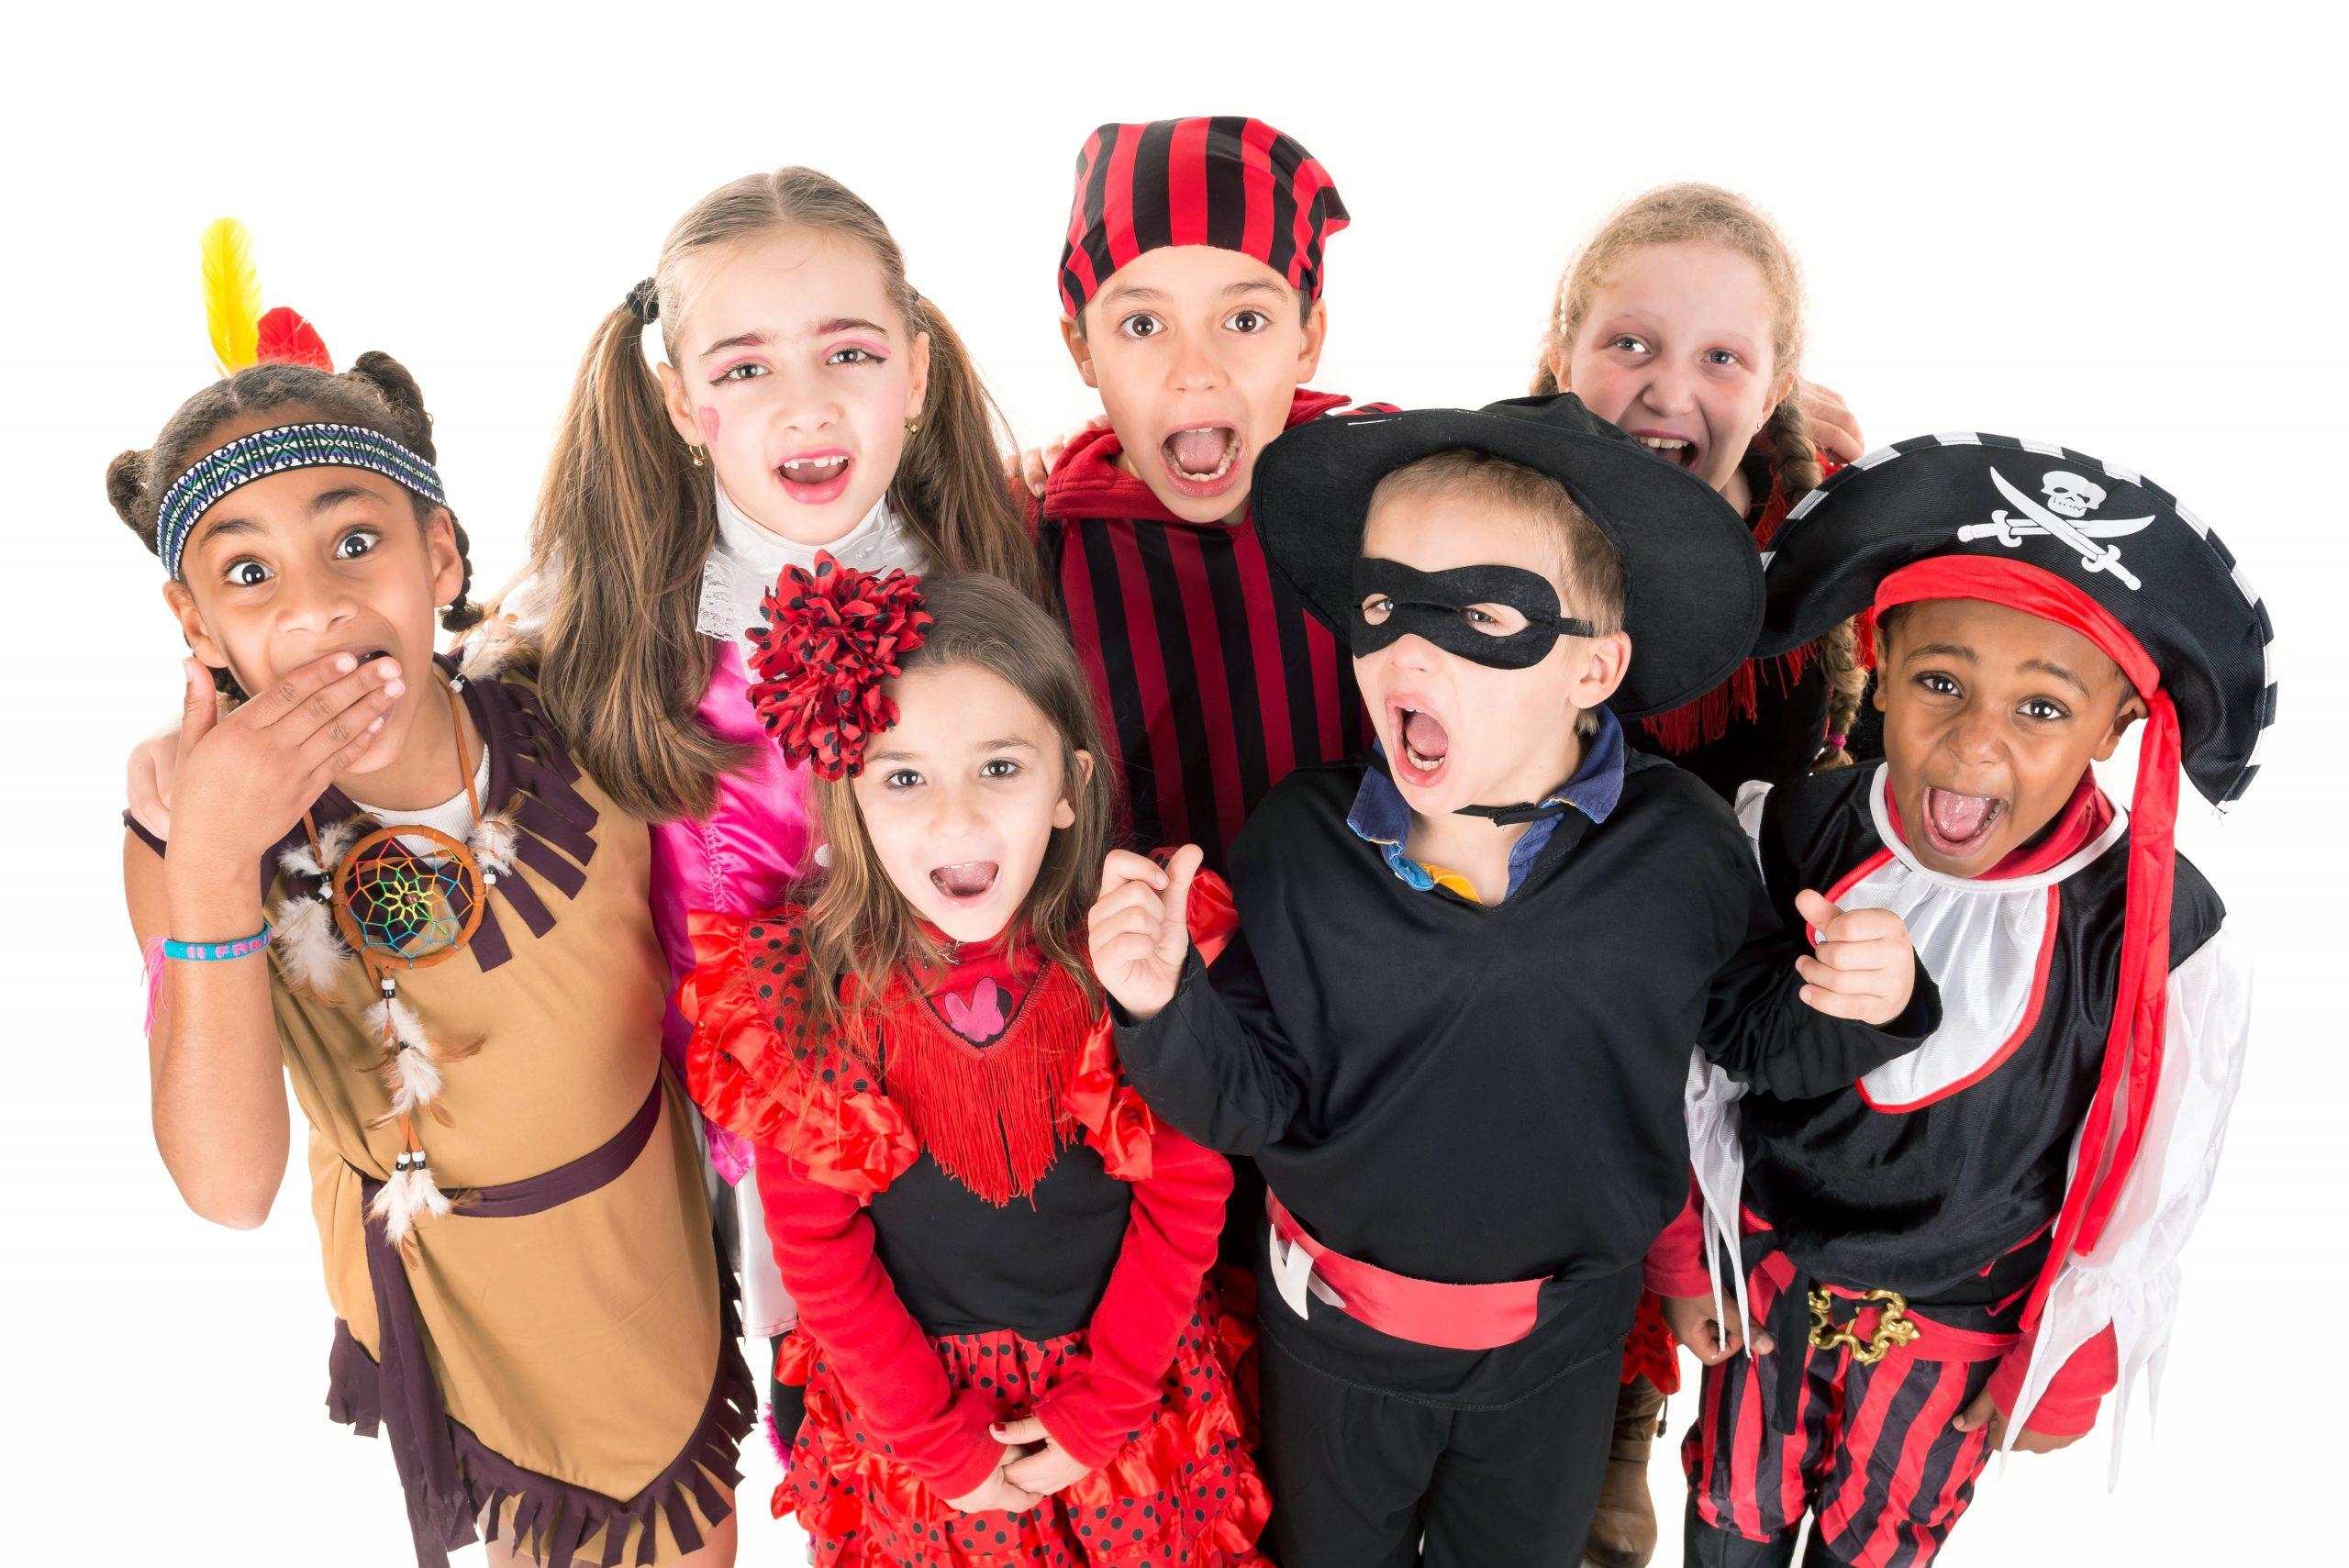 Mejores ideas  y consejos para elegir disfraz en carnaval